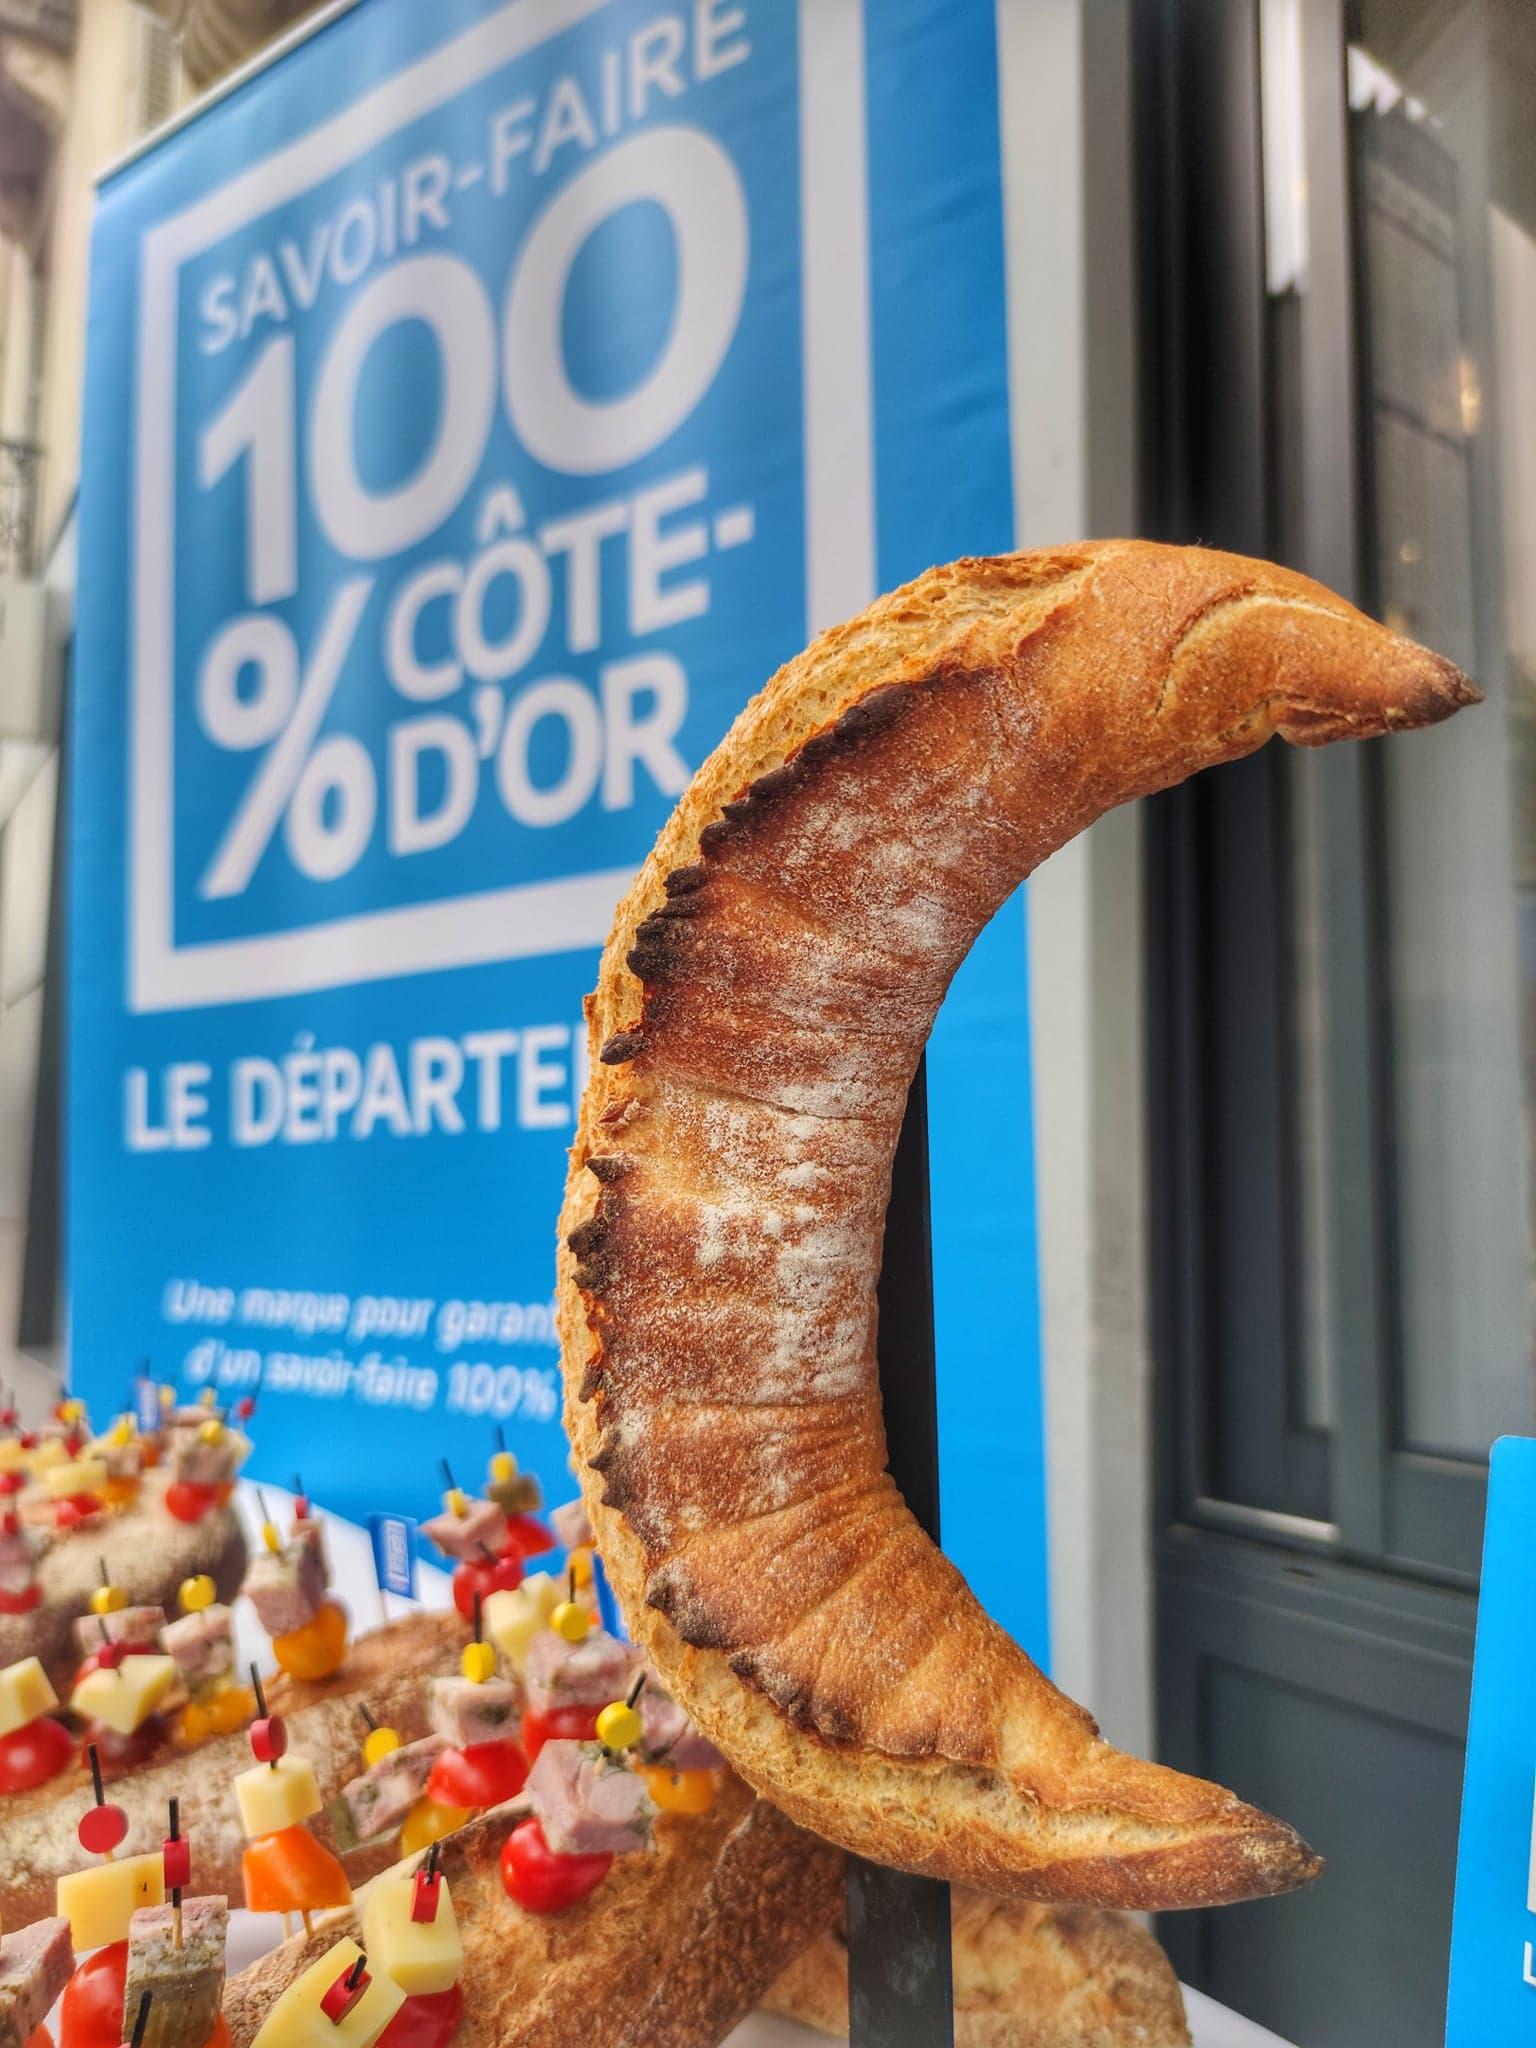 Une première boulangerie labellisée Savoir-faire 100% Côte-d'Or à Dijon